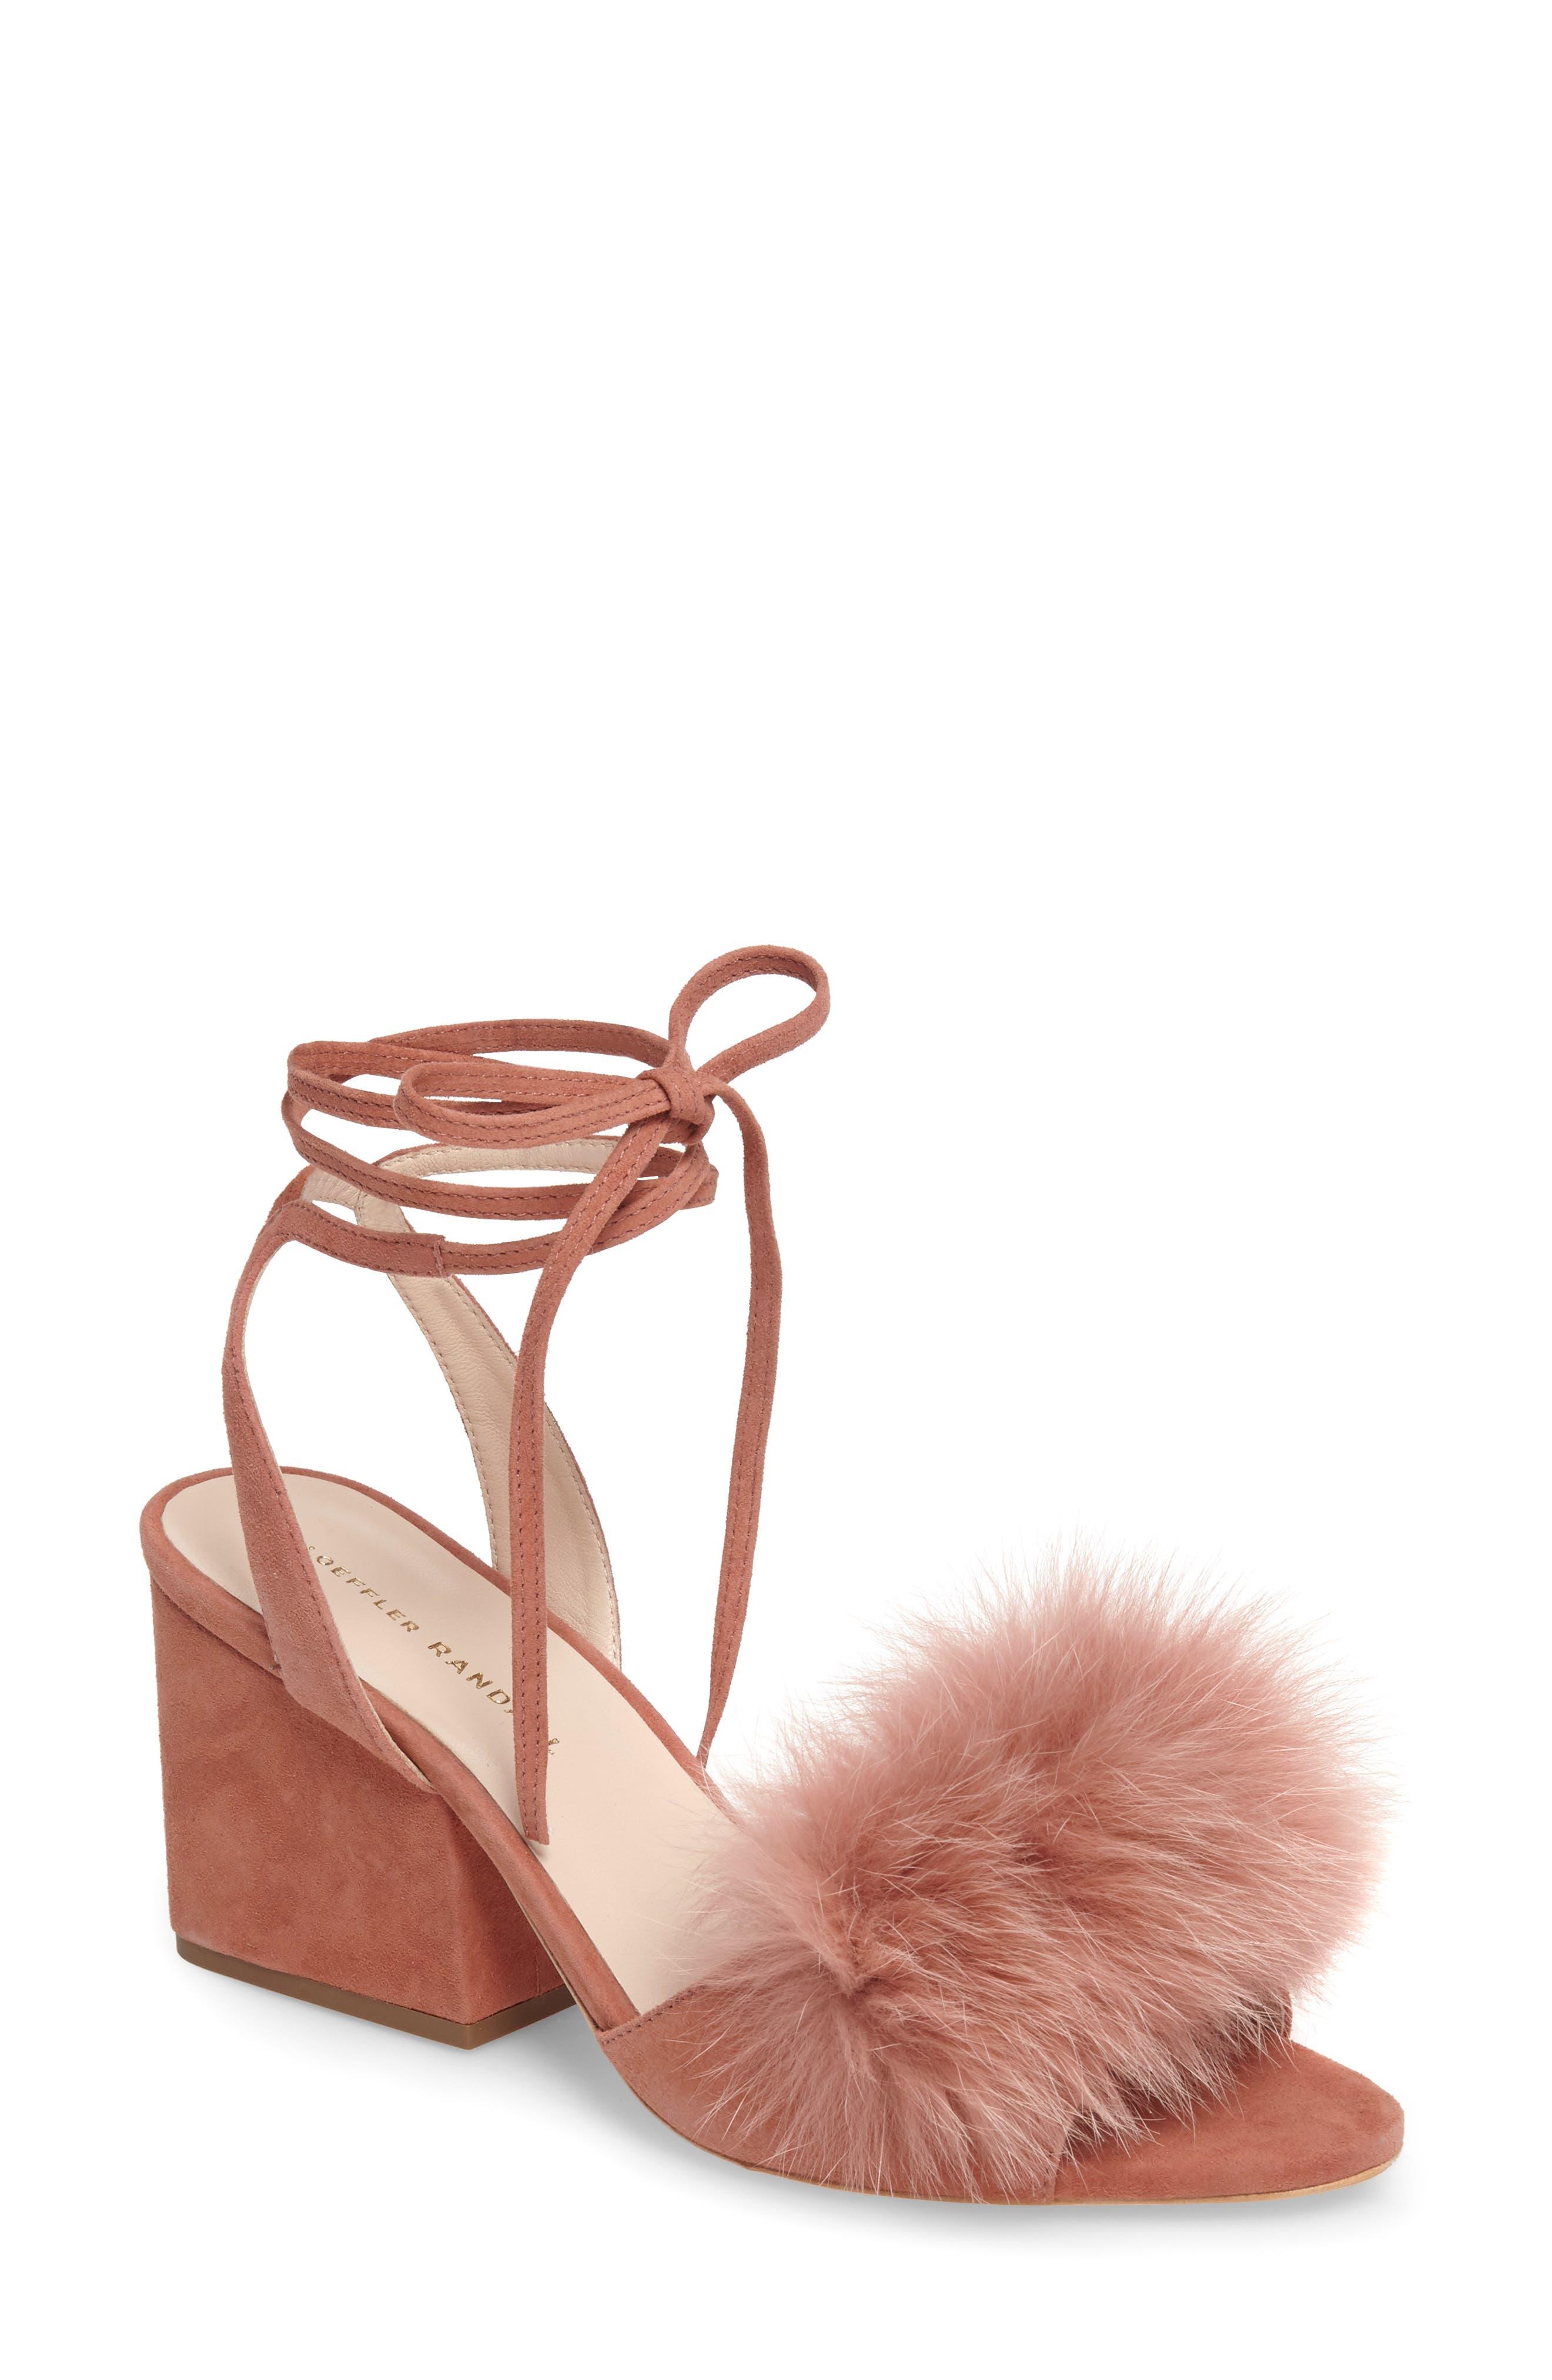 Alternate Image 1 Selected - Loeffler Randall Nicky Genuine Fox Fur Ankle Wrap Sandal (Women)